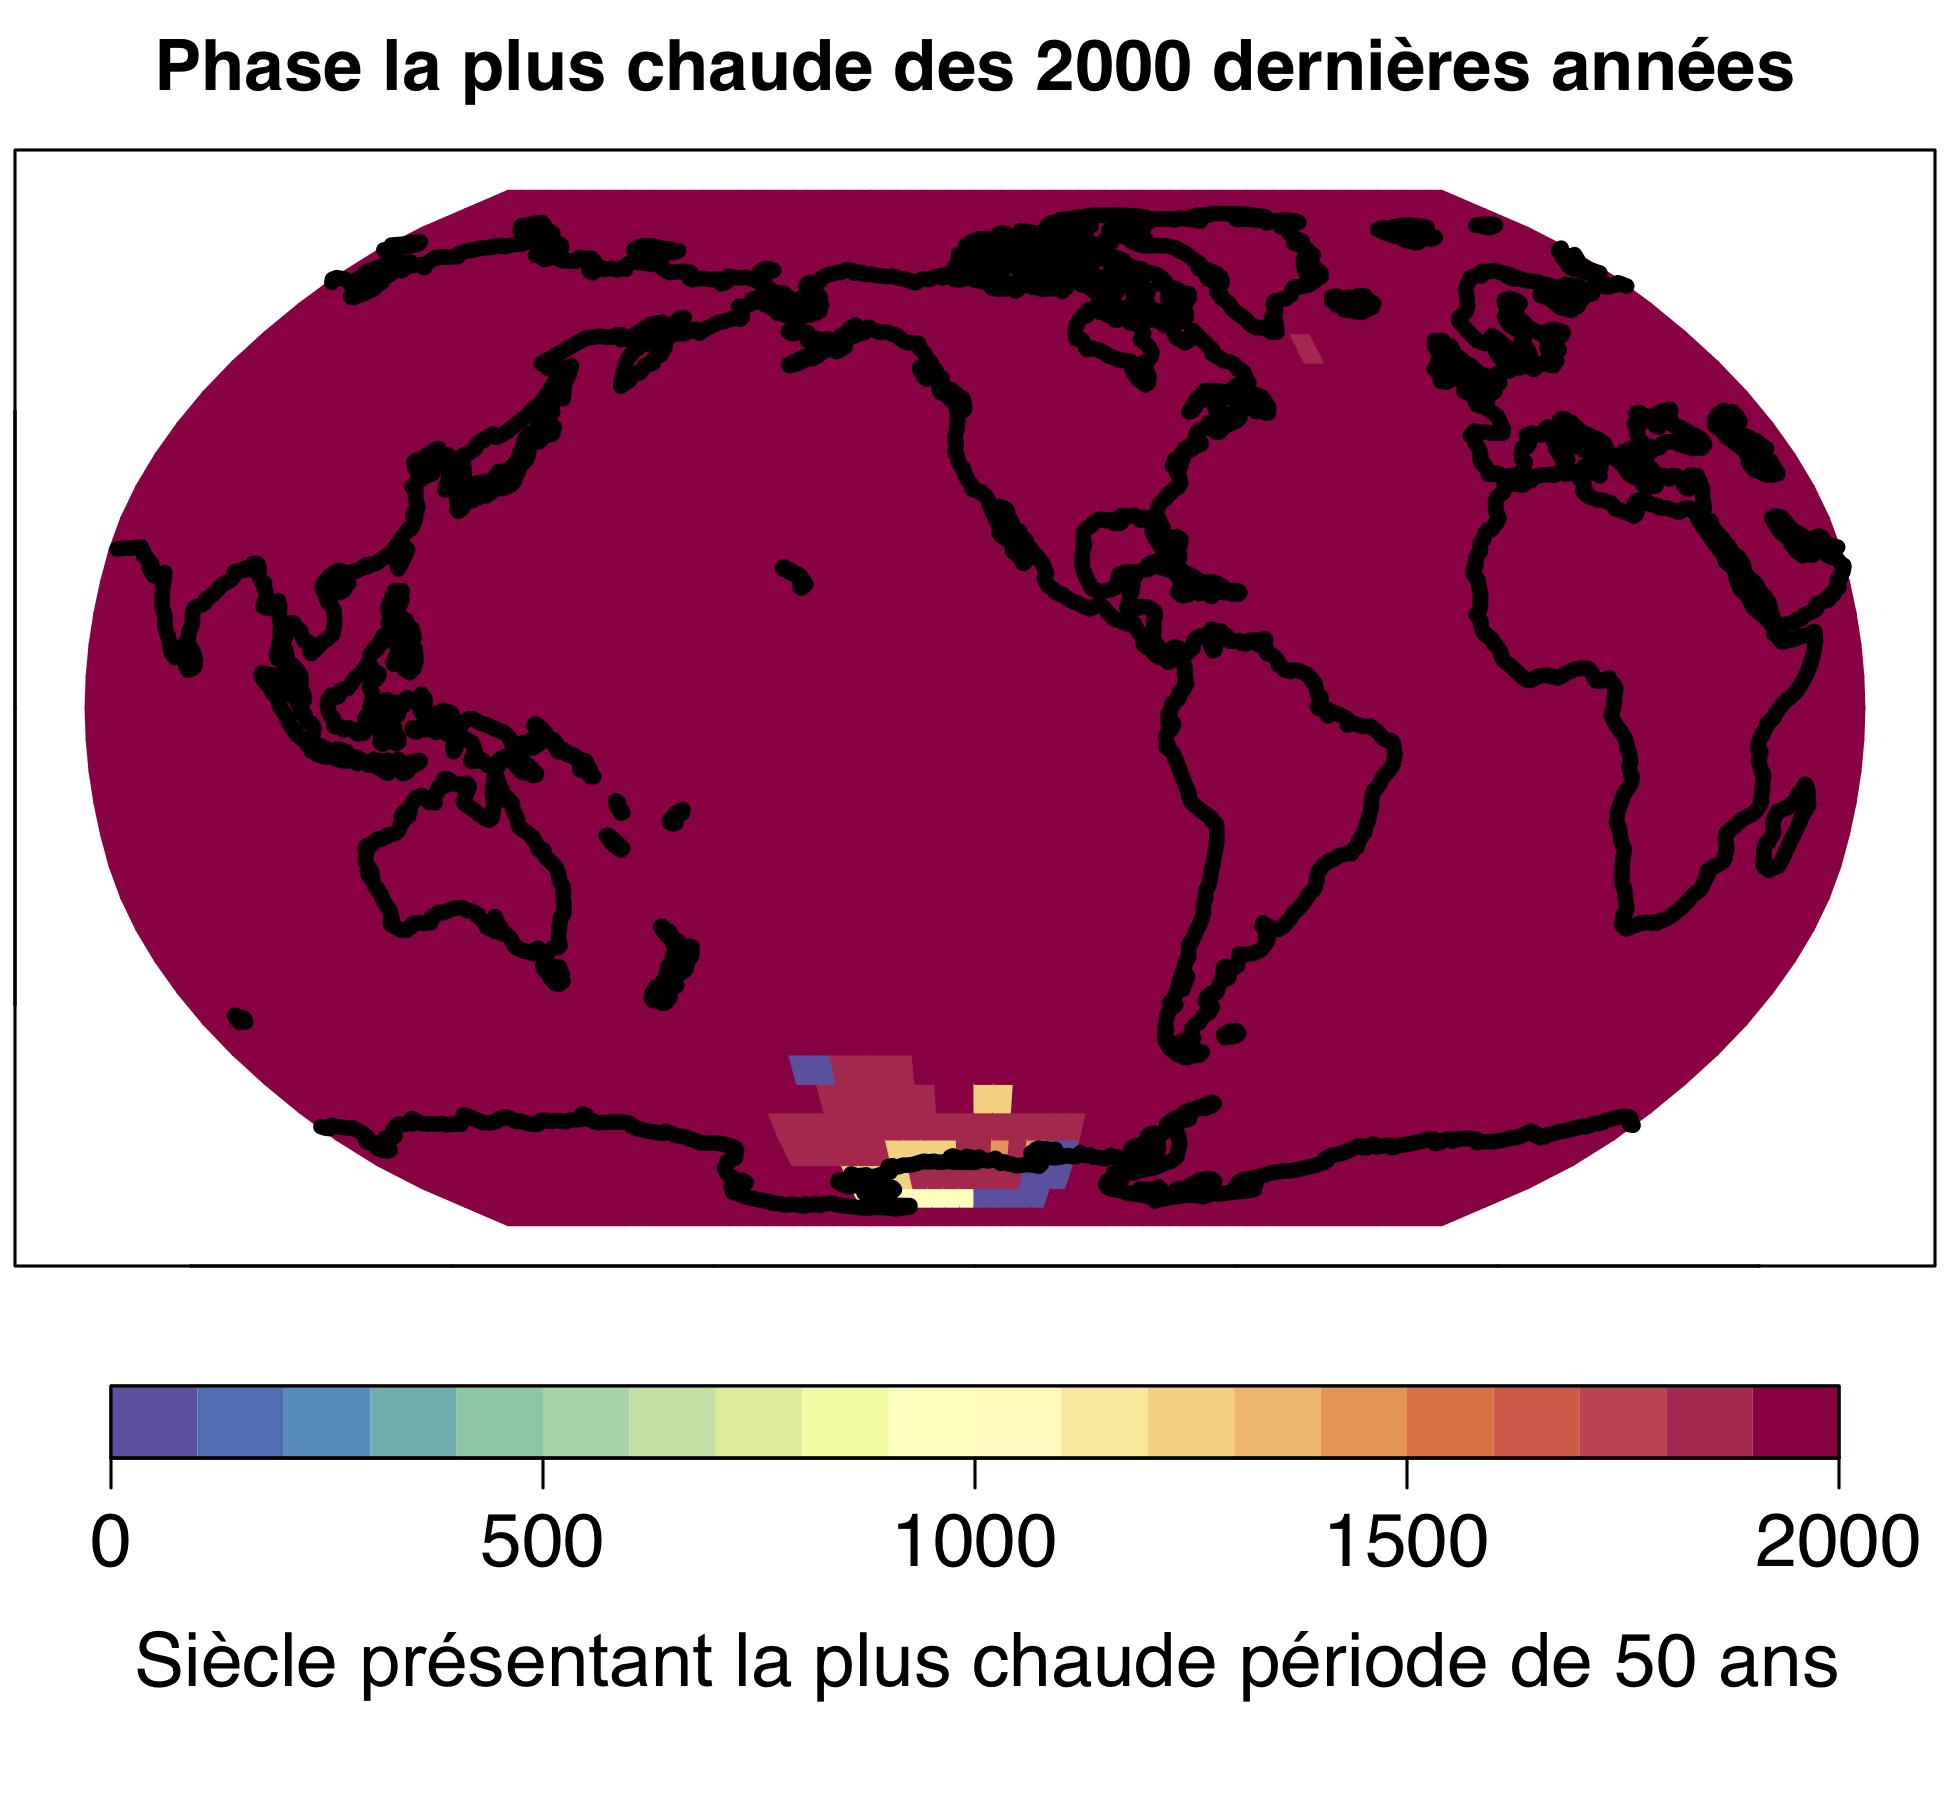 Le réchauffement climatique actuel est un phénomène mondial ; la période la plus chaude de 50 ans des 2000 dernières années a eu lieu sur plus de 98 % de la surface terrestre au 20ème siècle. © Université de Berne